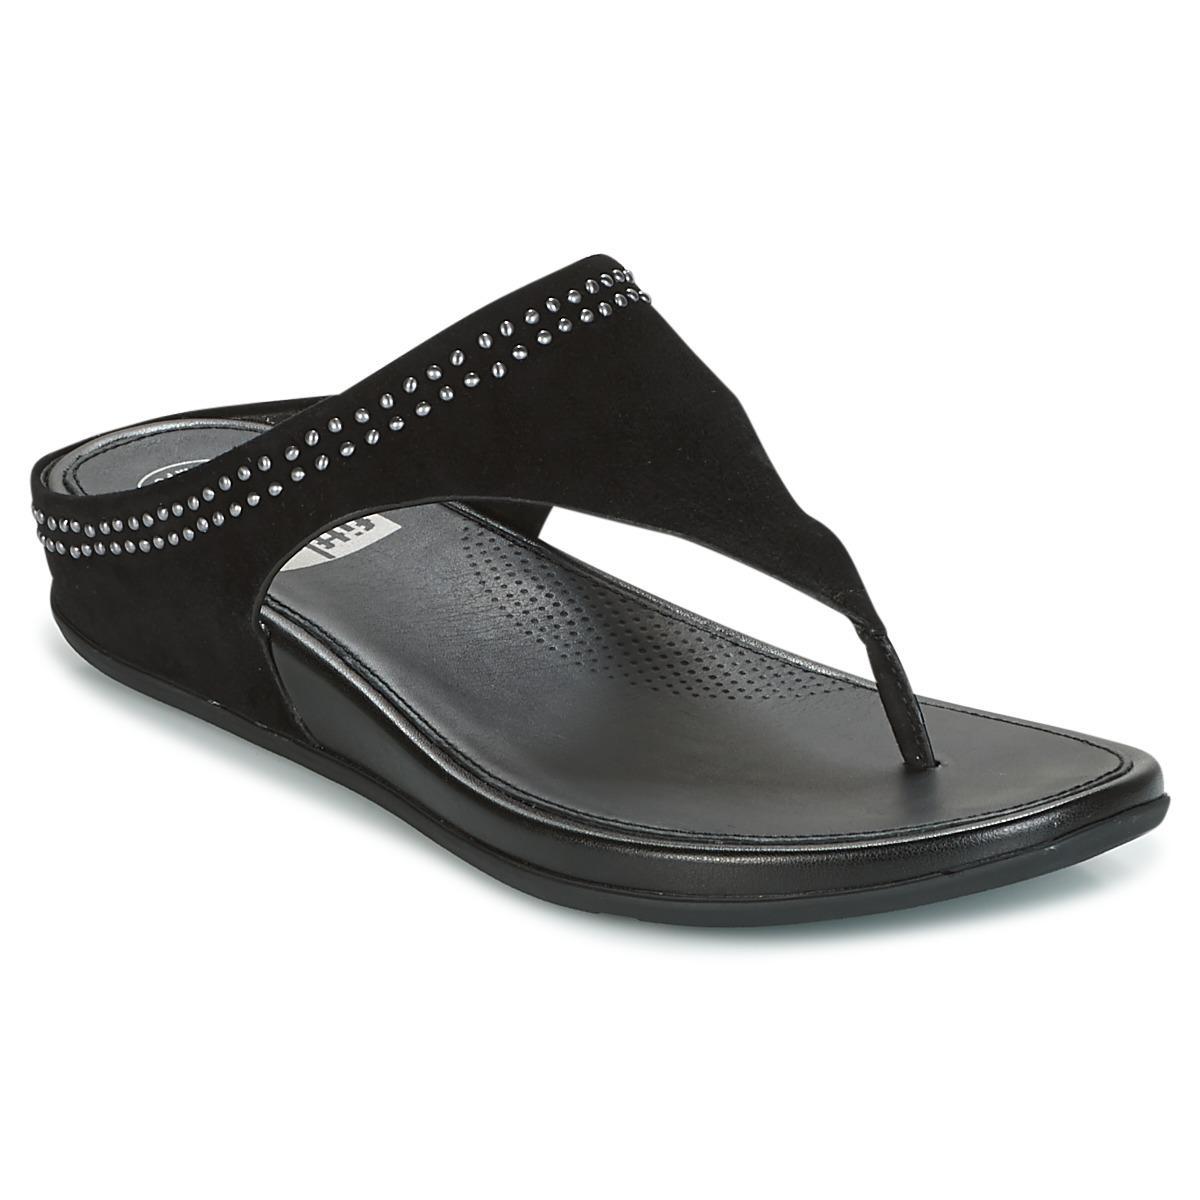 cf1c31bebec Fitflop Banda Toepost With Studs Women s Flip Flops   Sandals (shoes ...